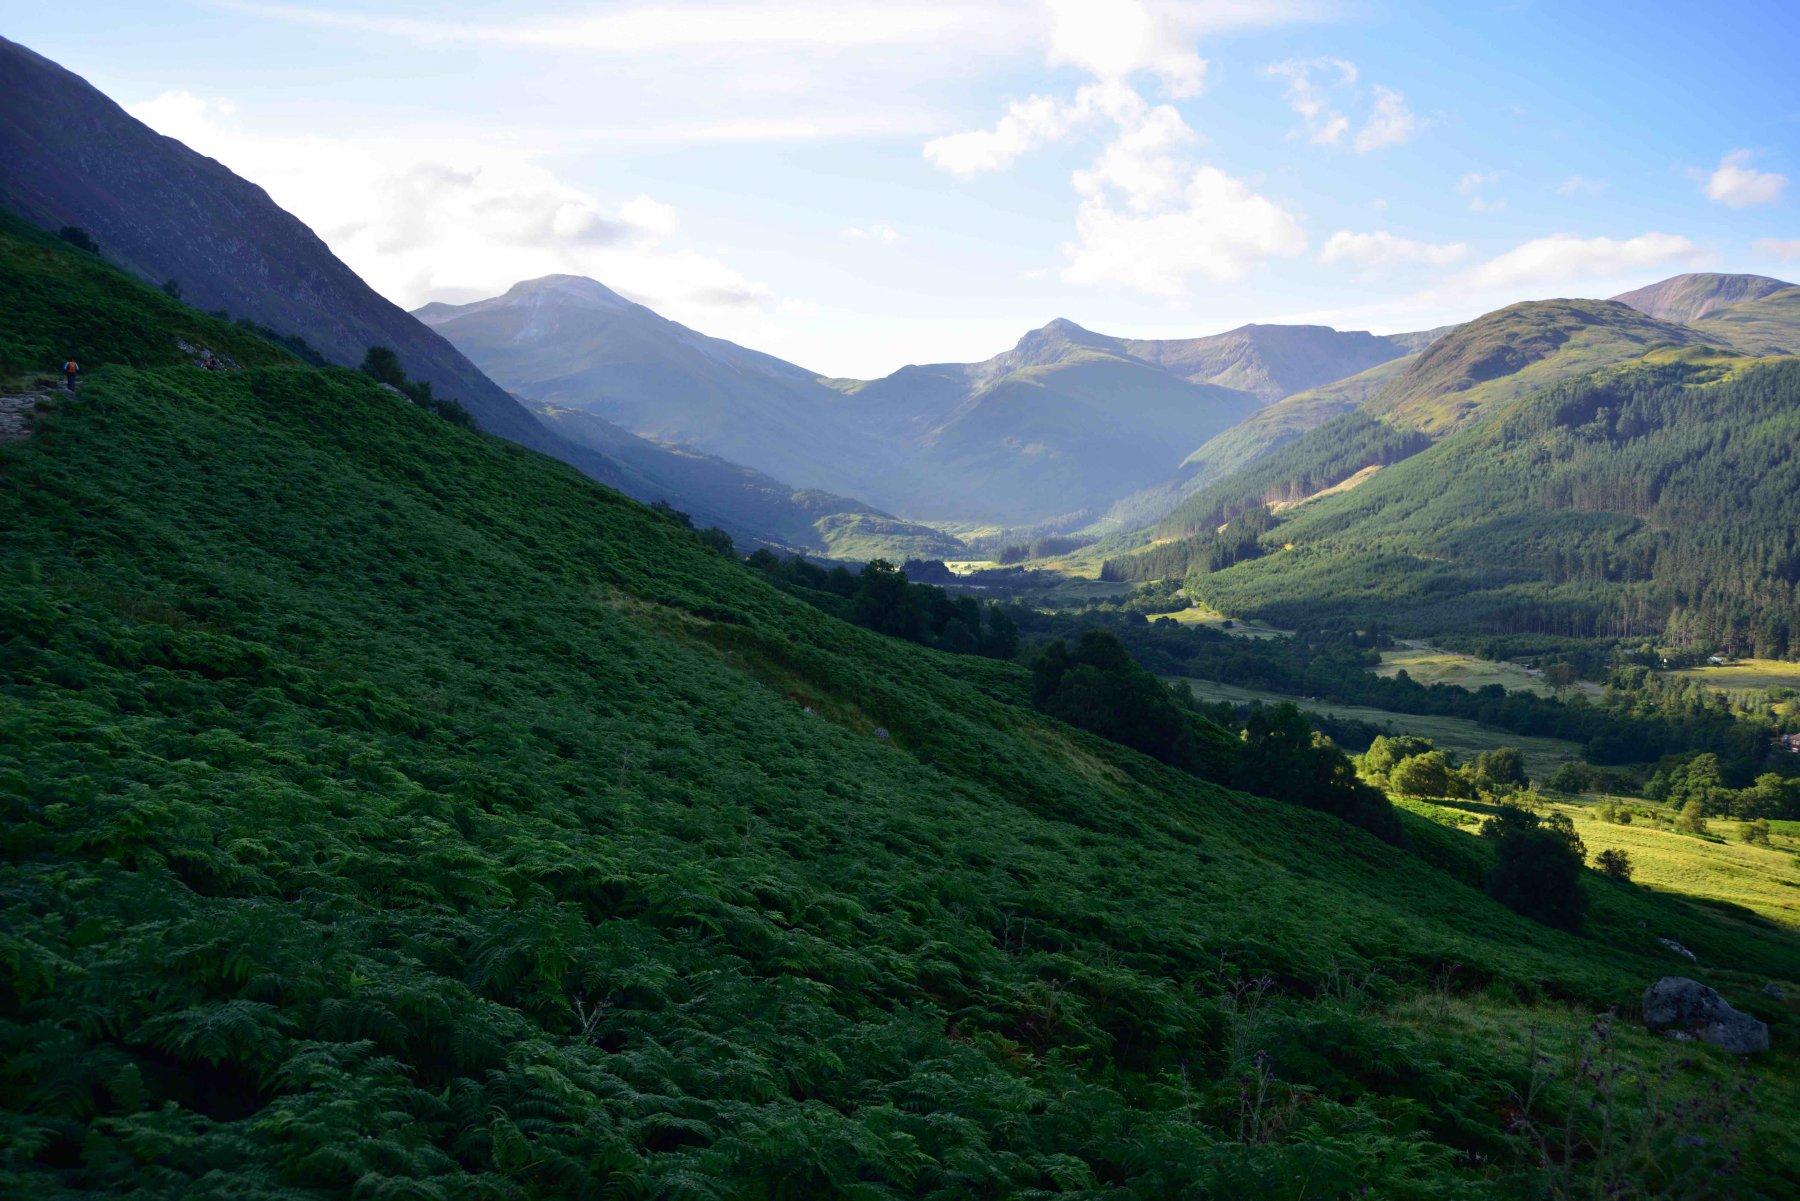 Il vallone nella prima parte del percorso.